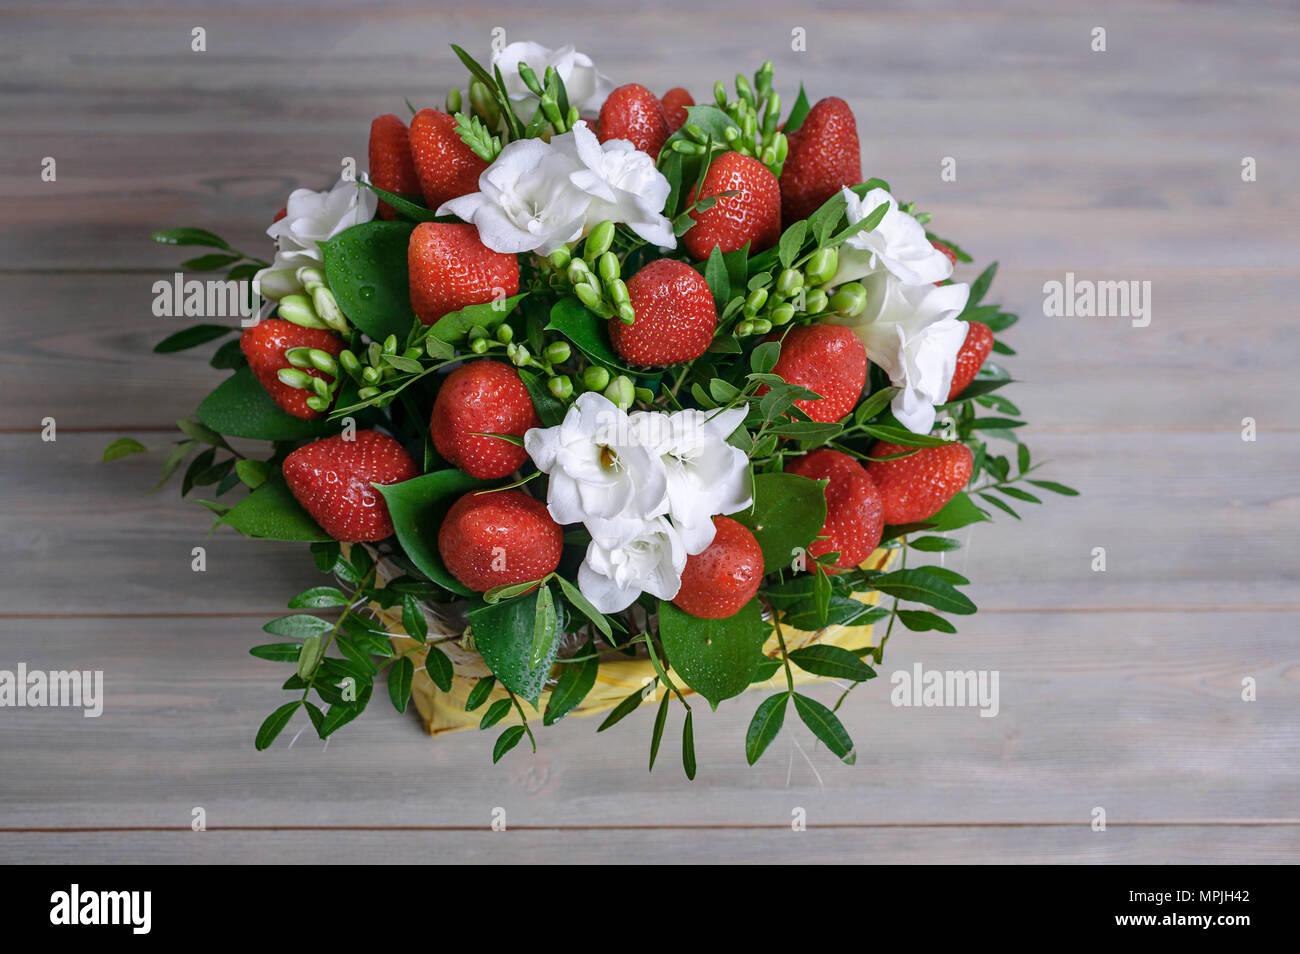 Admirable Bouquet de fleurs et de fruits. Fraise et freesia blanc. Fond de DN-91